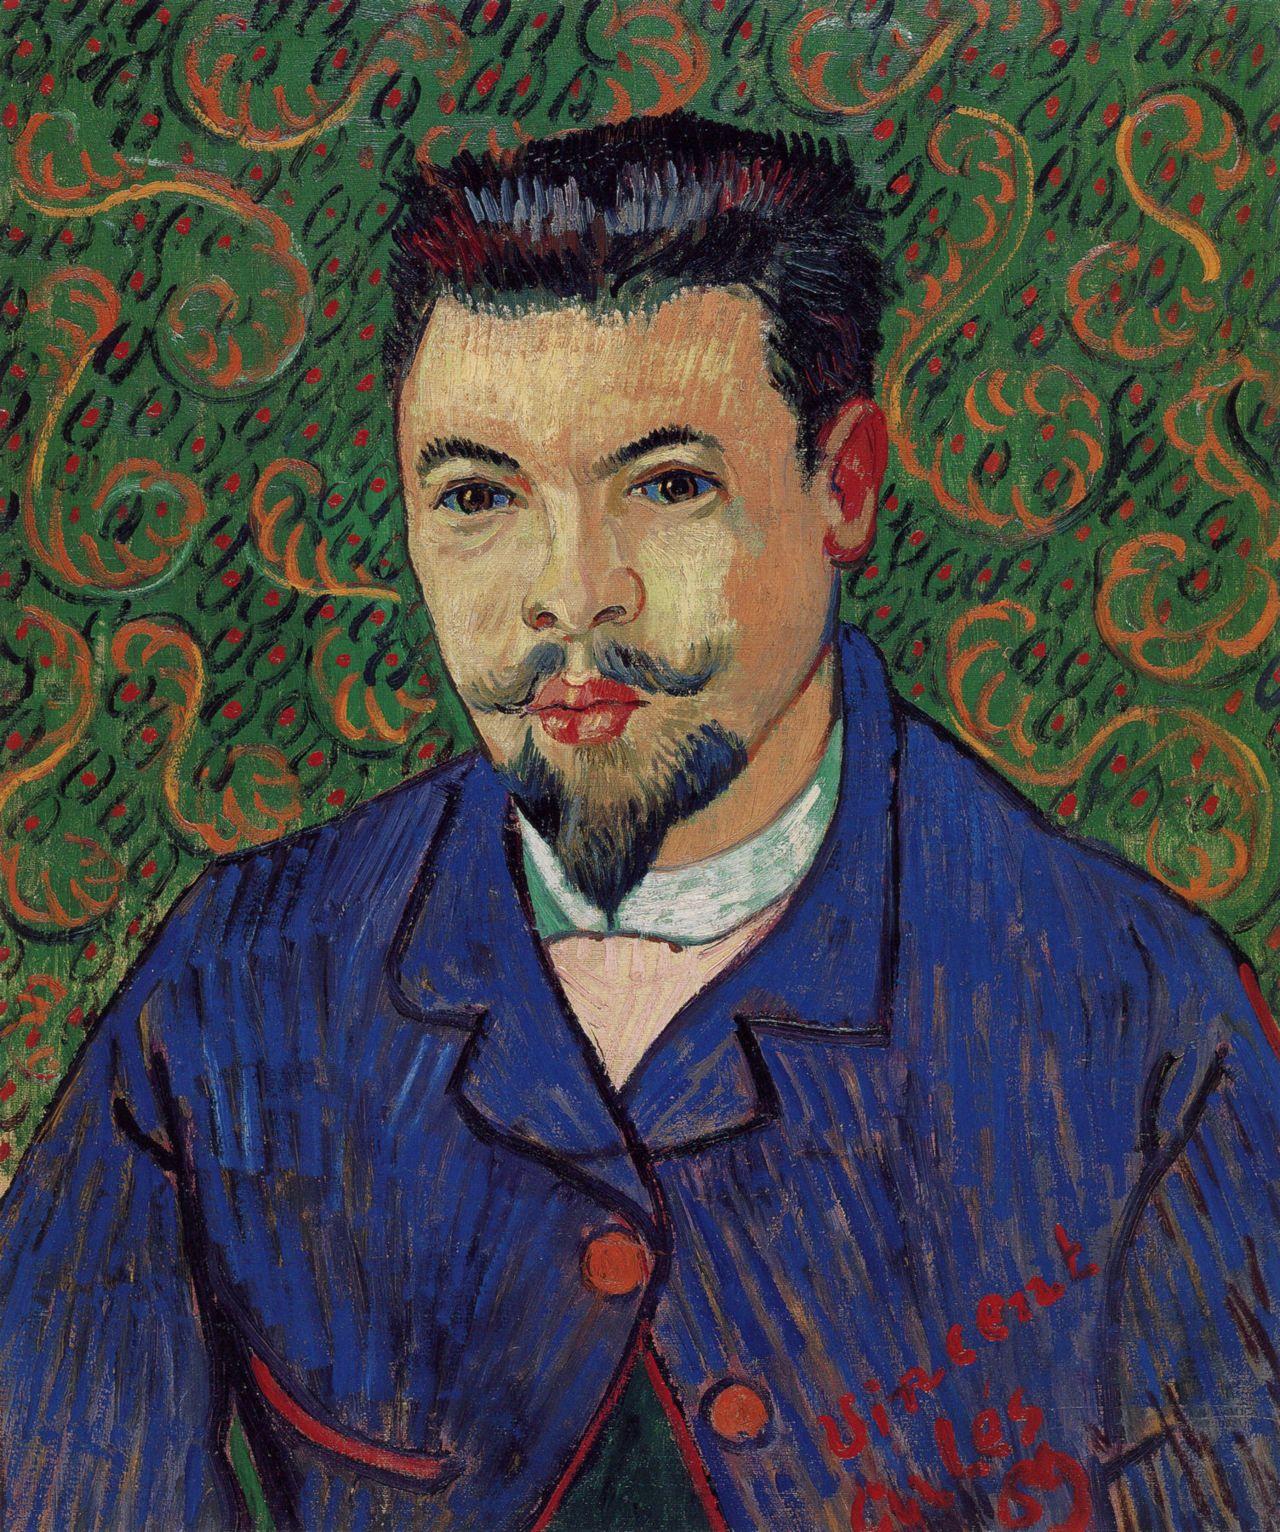 Vincent van Gogh: Portrait of Dr. Rey (1889)